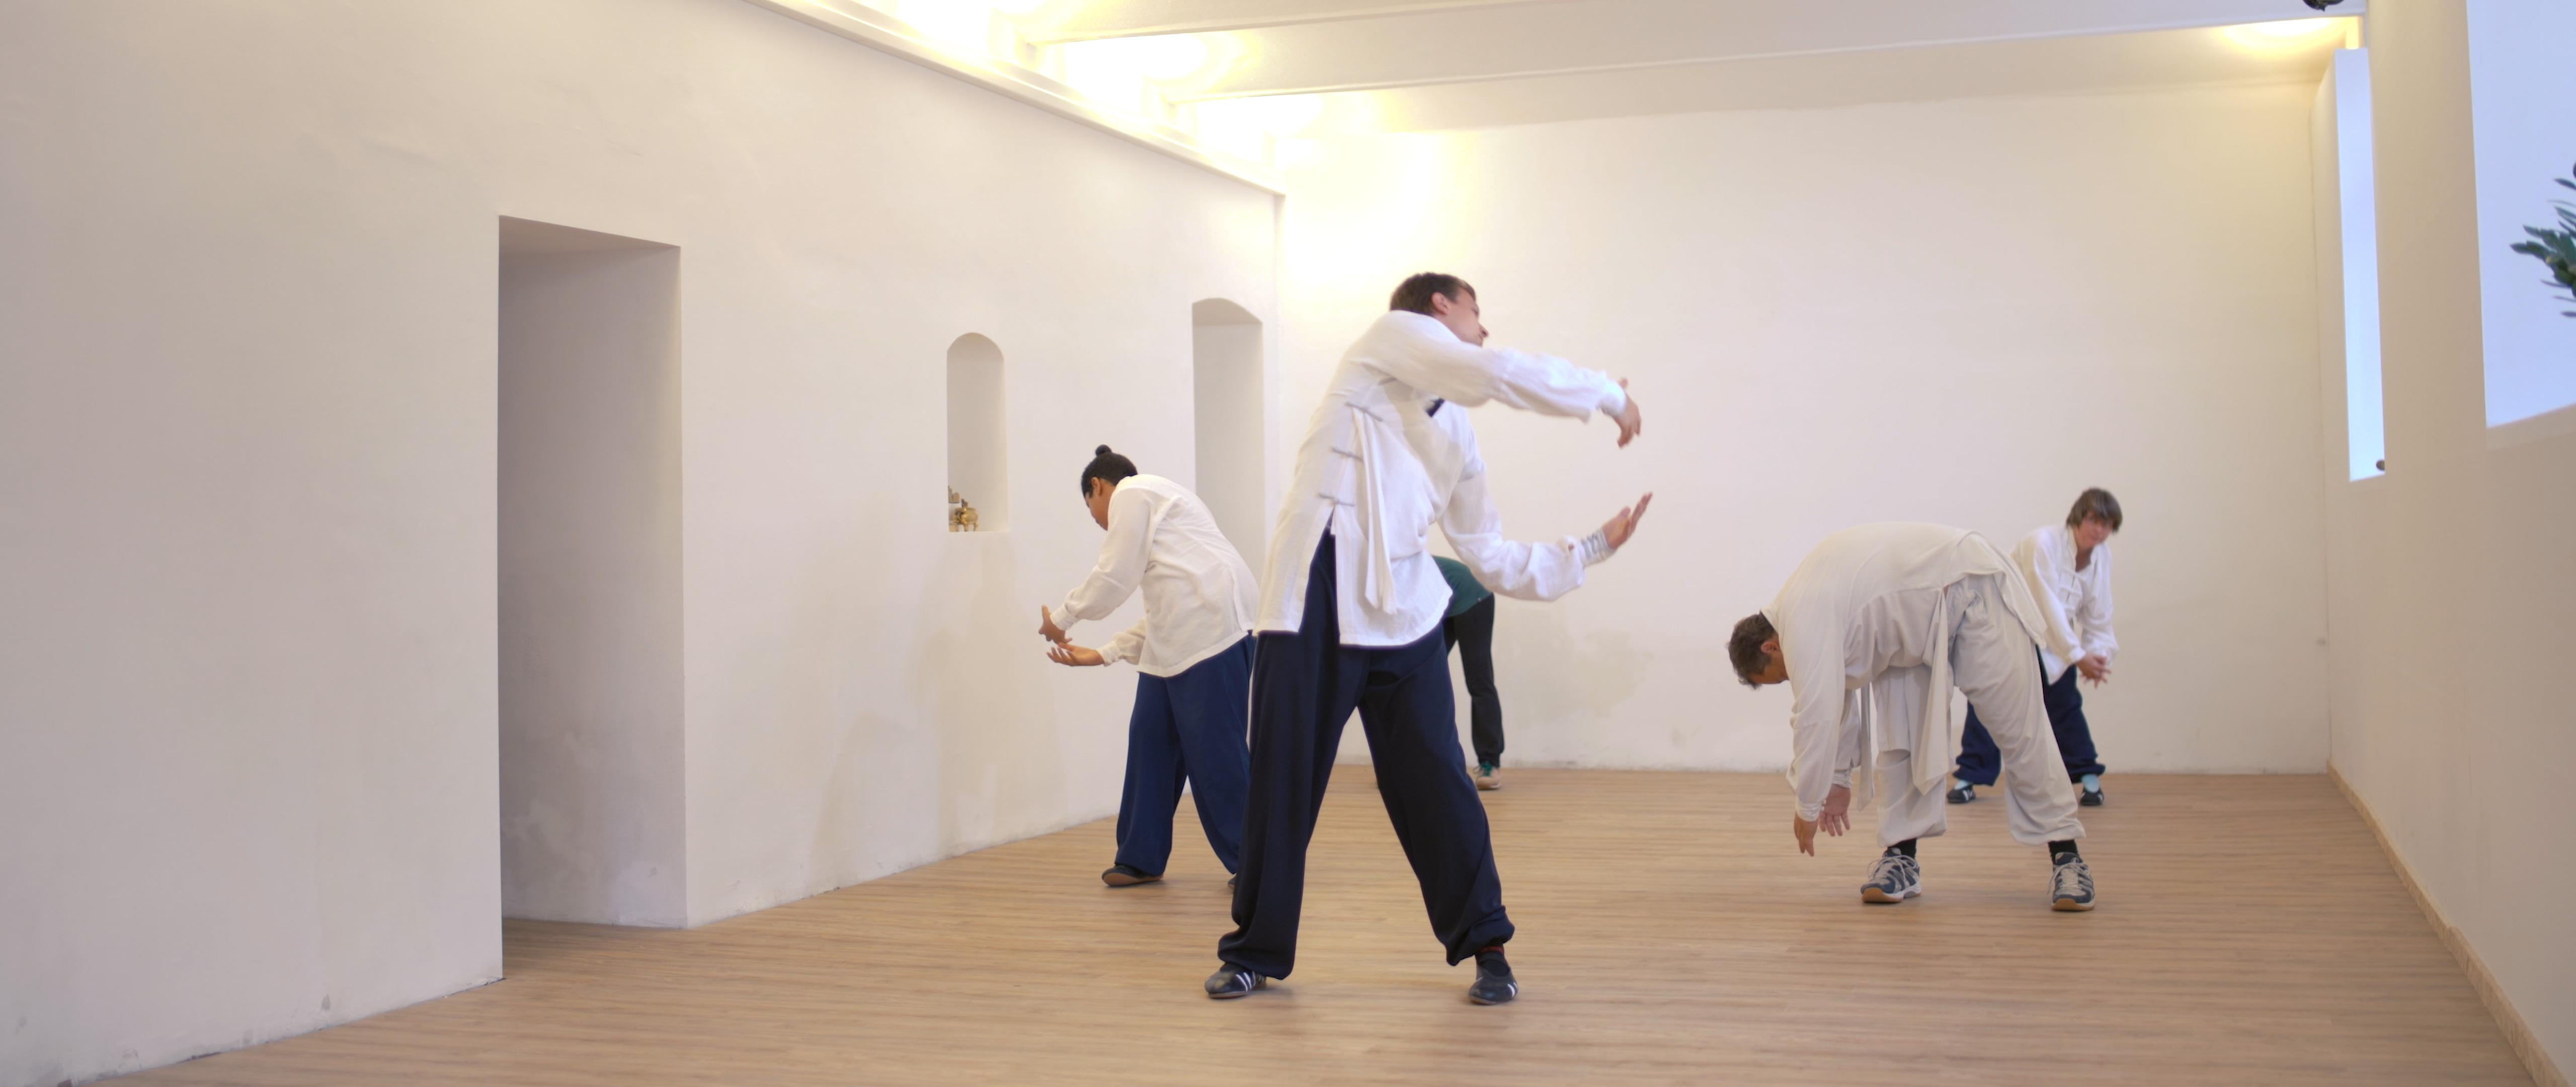 Longevity Practice & Zhan Zhuang